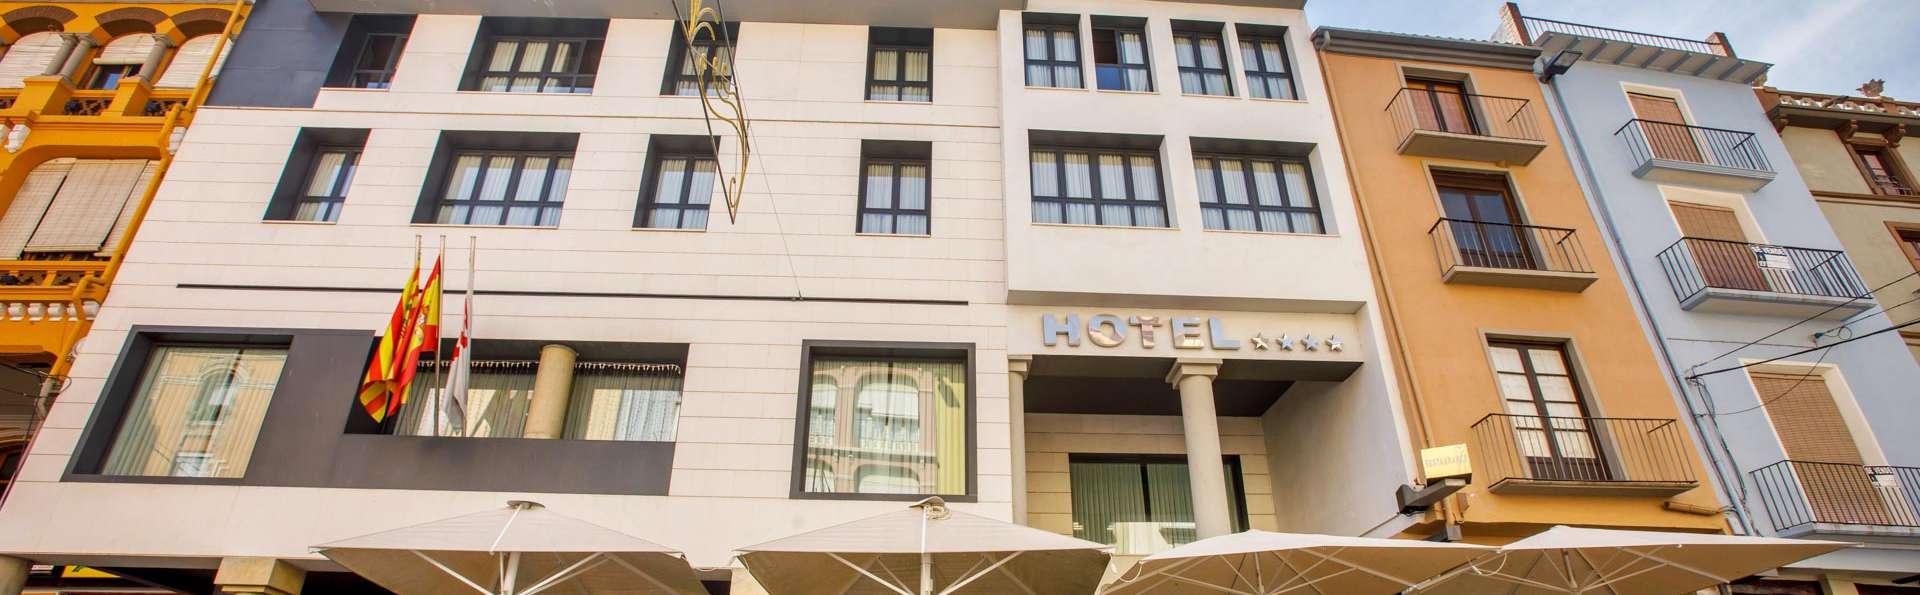 Gran Hotel Ciudad de Barbastro - EDIT_FRONT_05.jpg